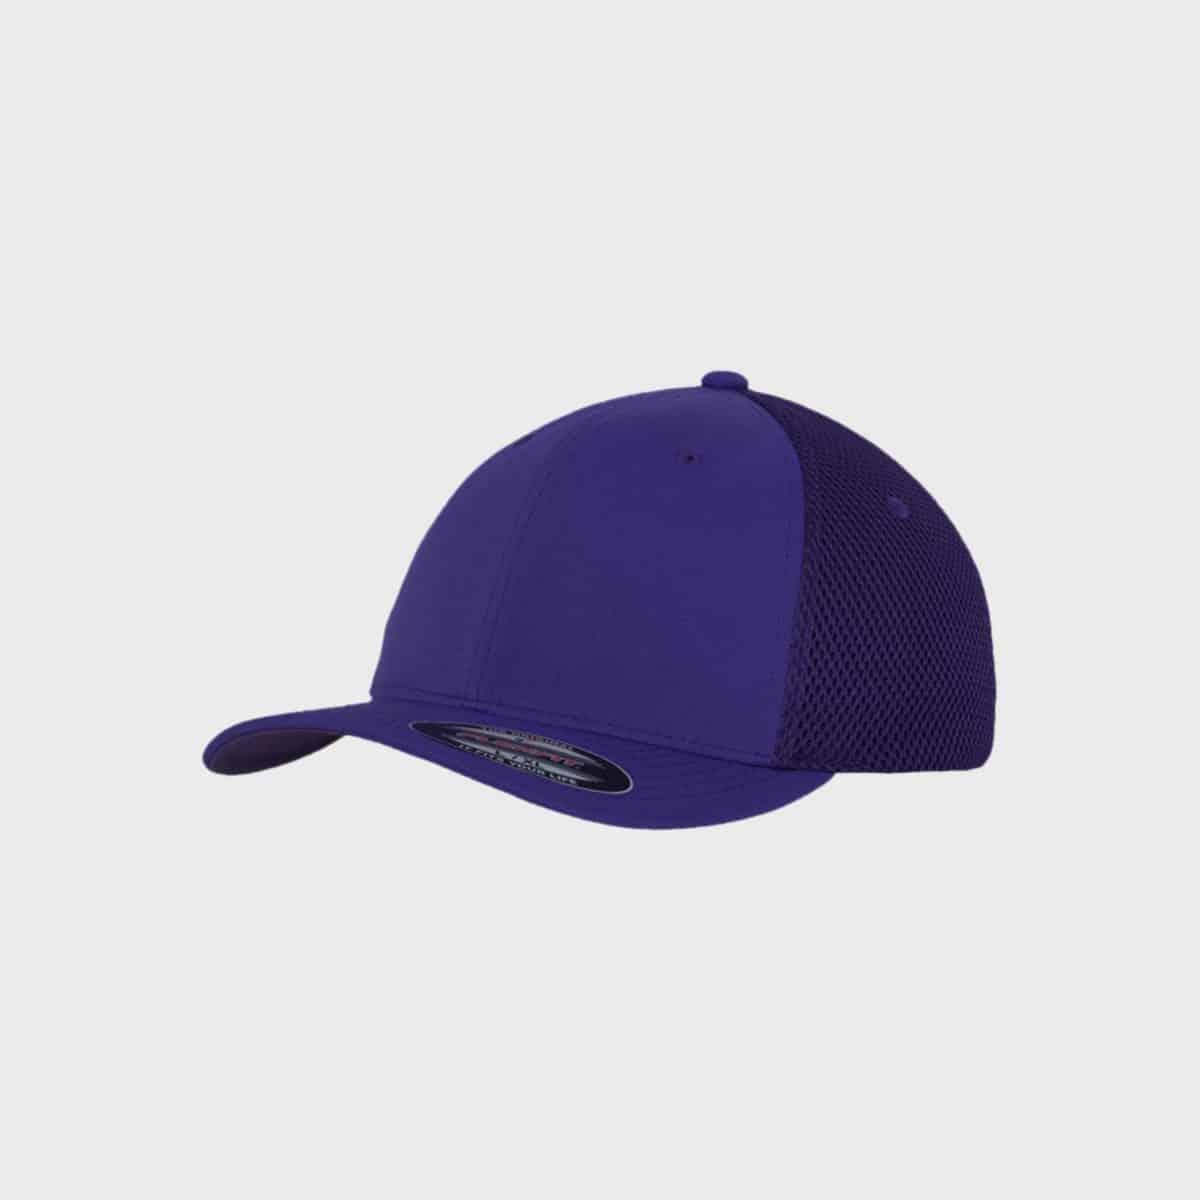 Flexfit FlexfitCaps FFE 6533 Purple Front Side